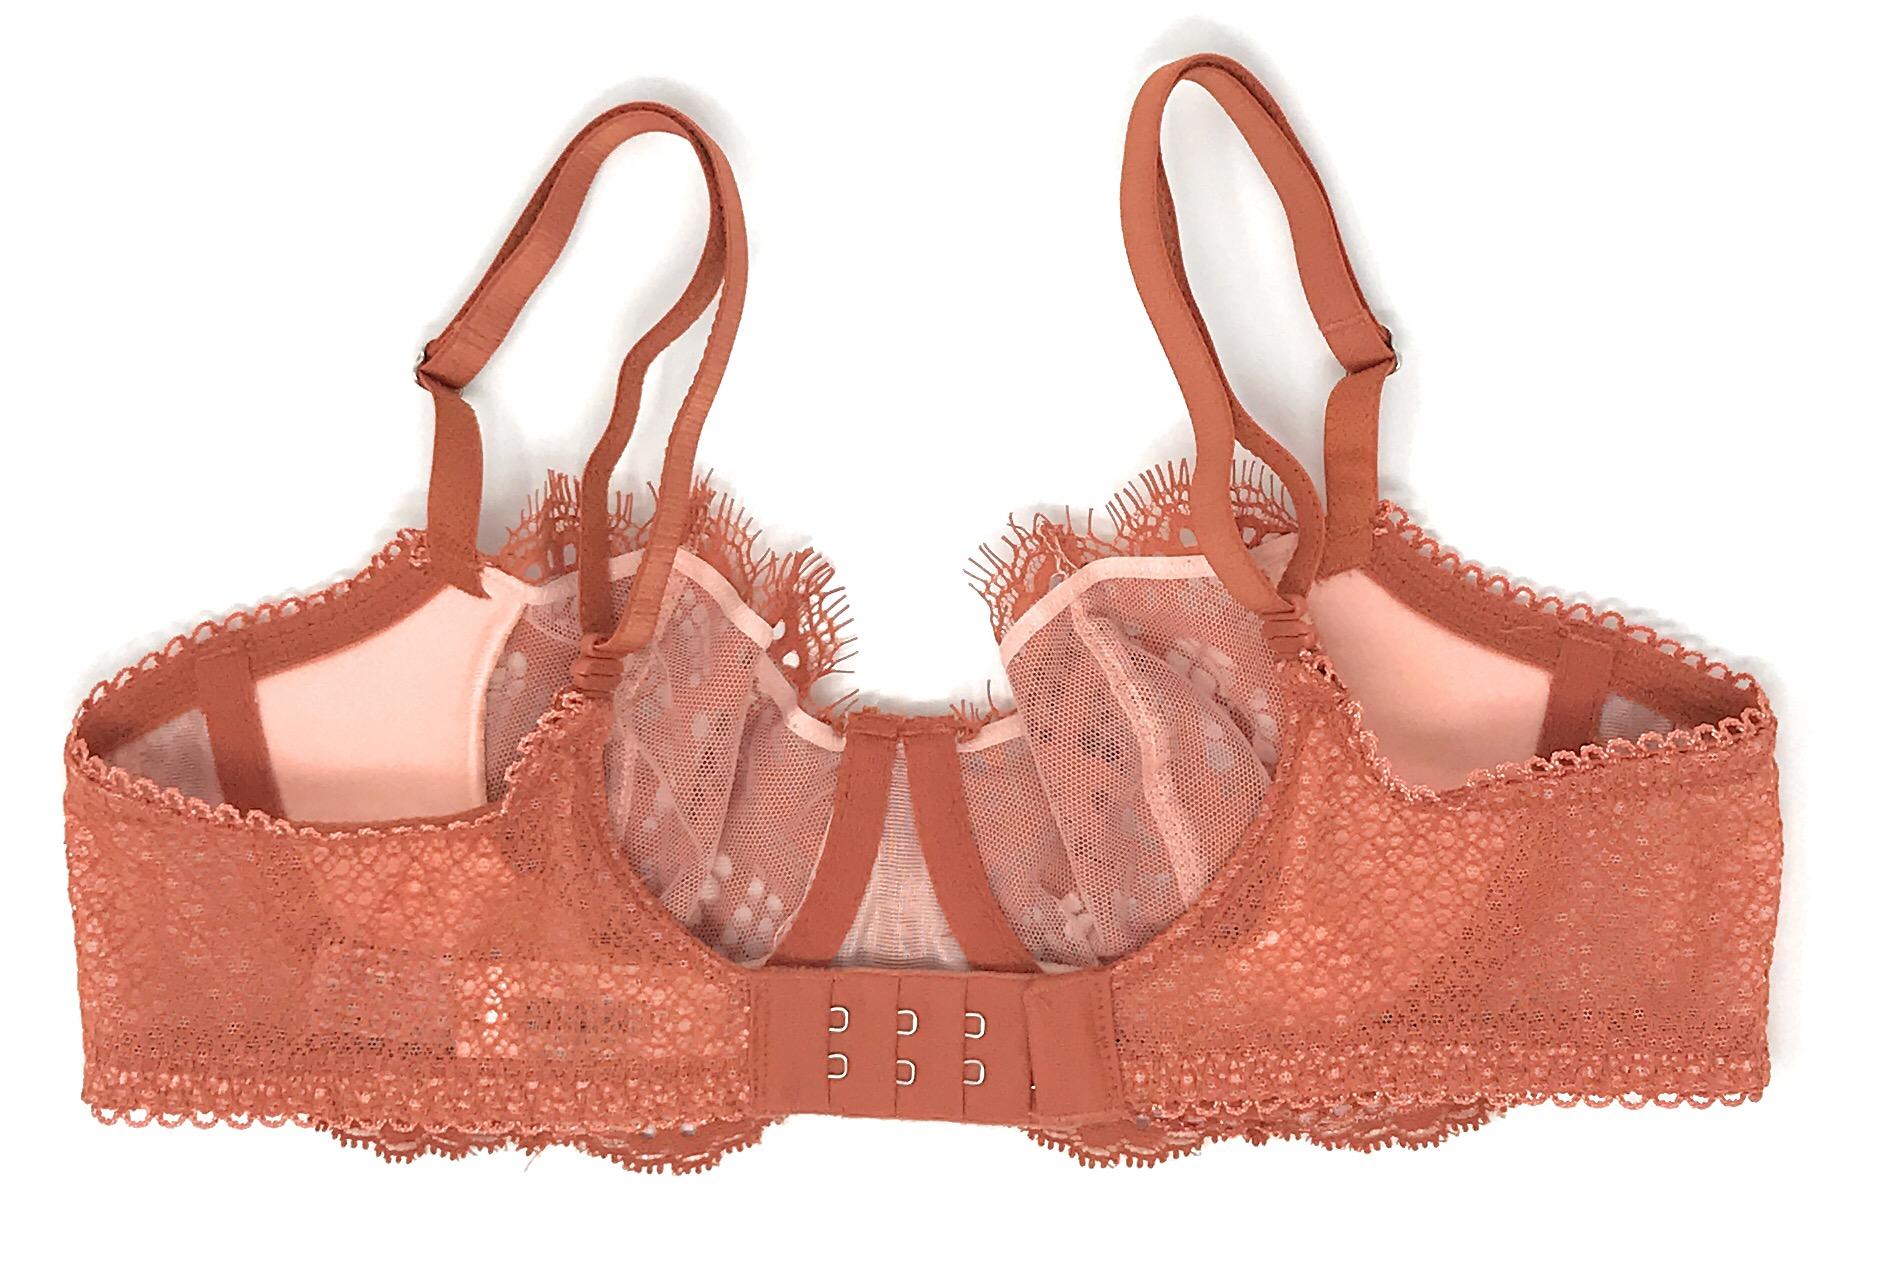 79c77c99964fd Buy Victoria s Secret Dream Angels Autumn Lace Push-up Without ...